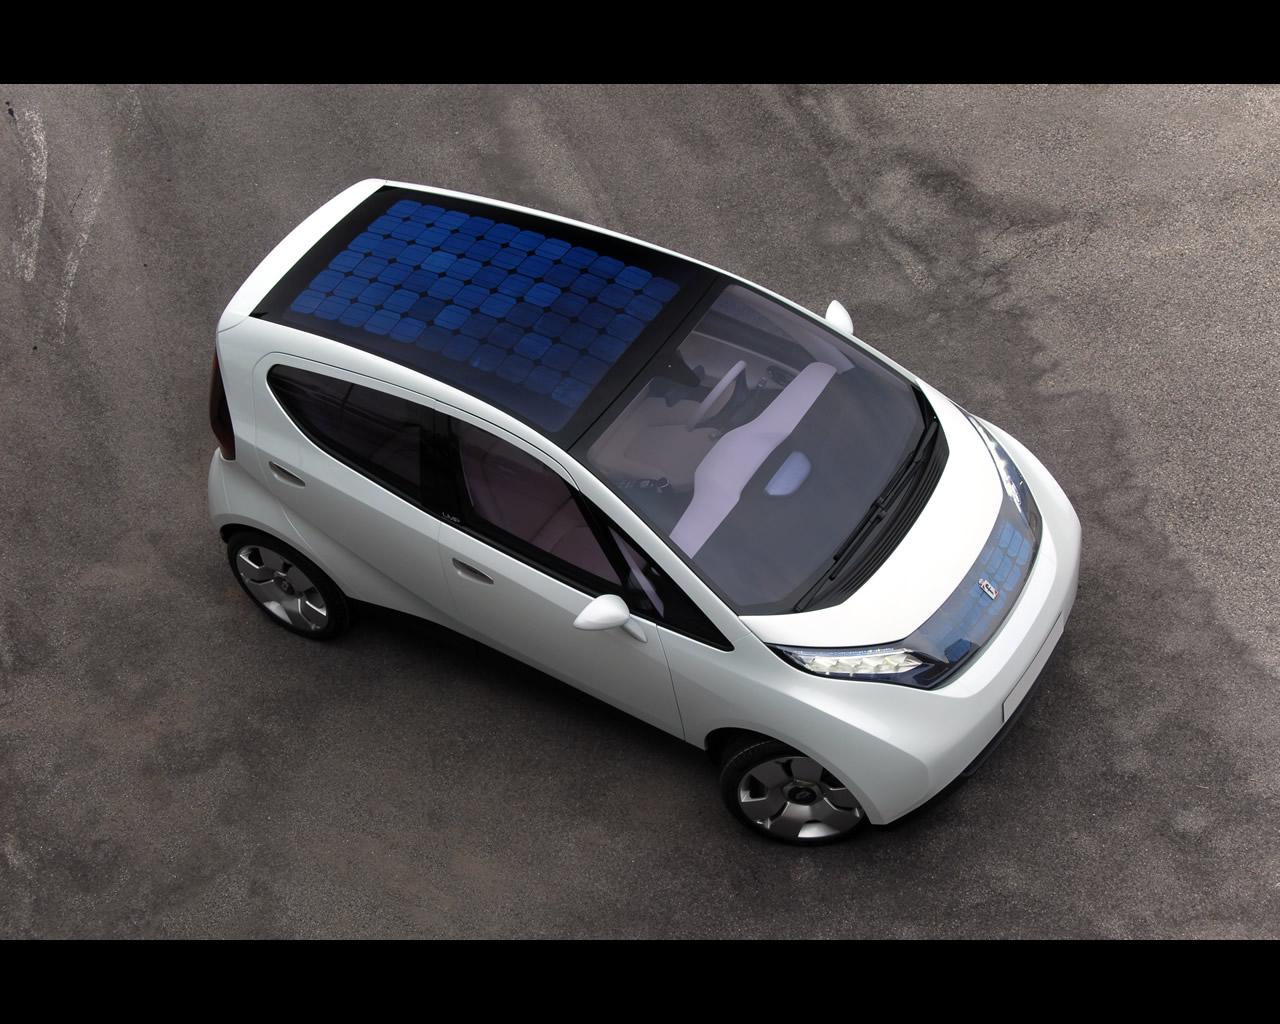 http://www.autoconcept-reviews.com/cars_reviews/pininfarina/pininfarina-bollore-b0-prototype-2008/wallpaper/13.jpg